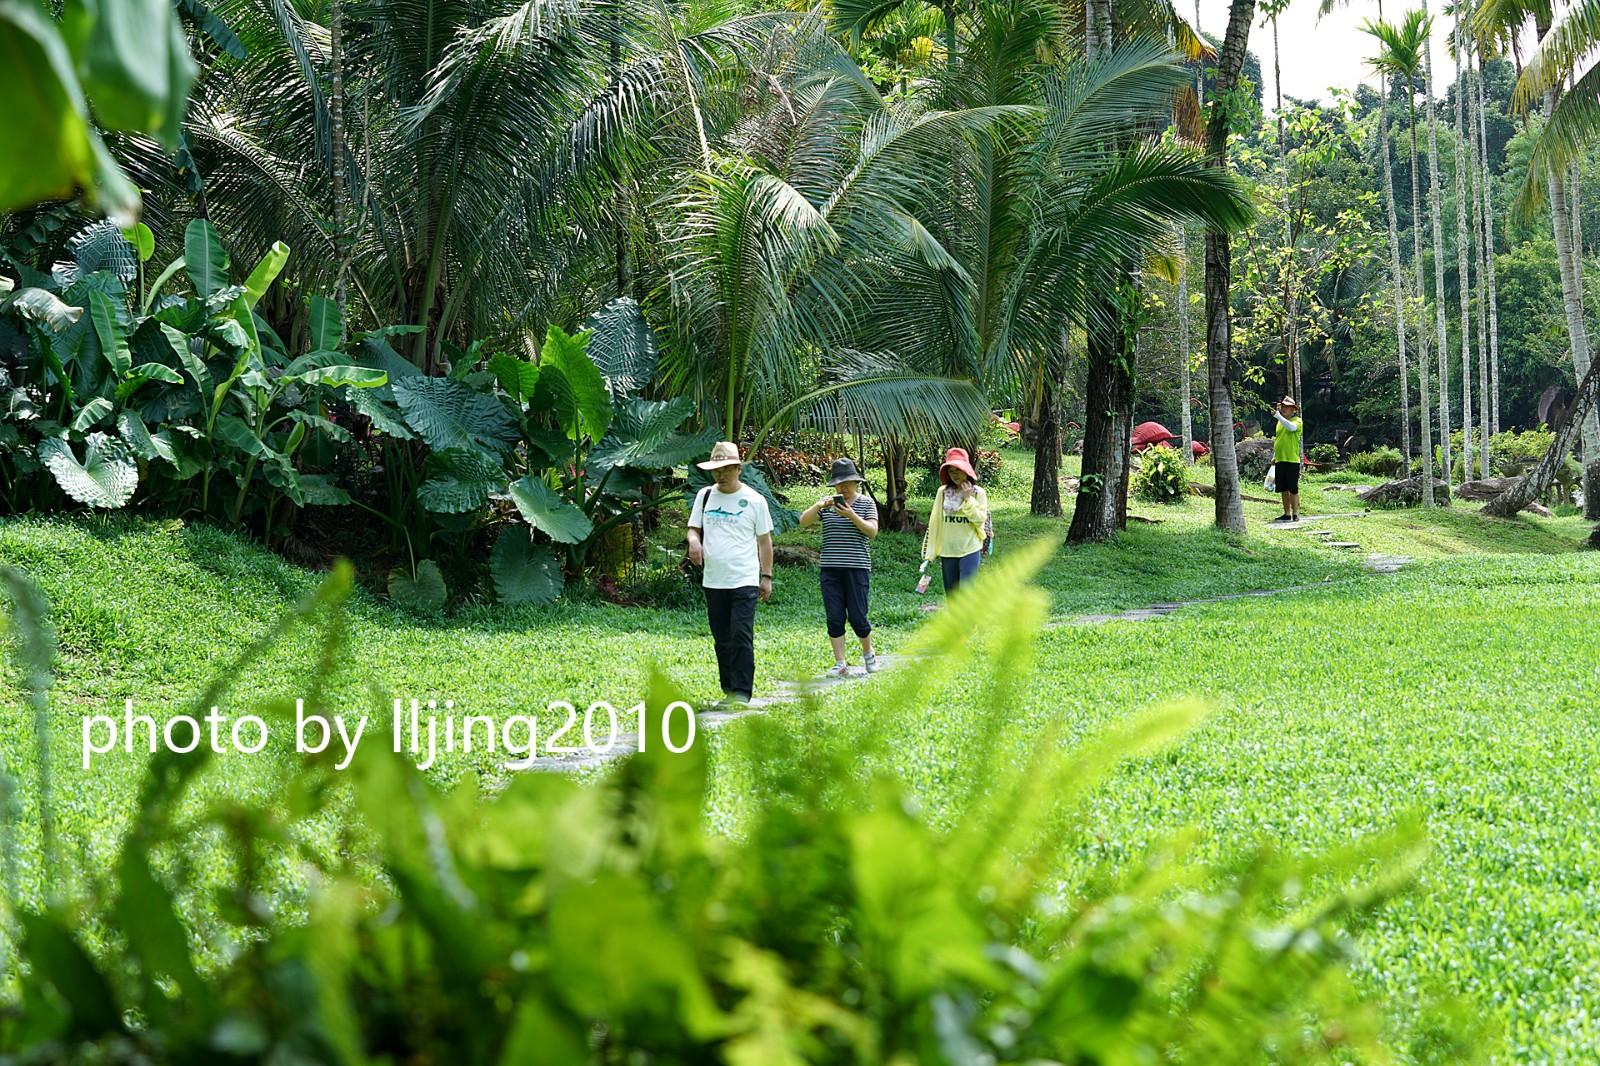 【海南寶藏攻略】吃黎家美食、穿越鉆石級熱帶雨林